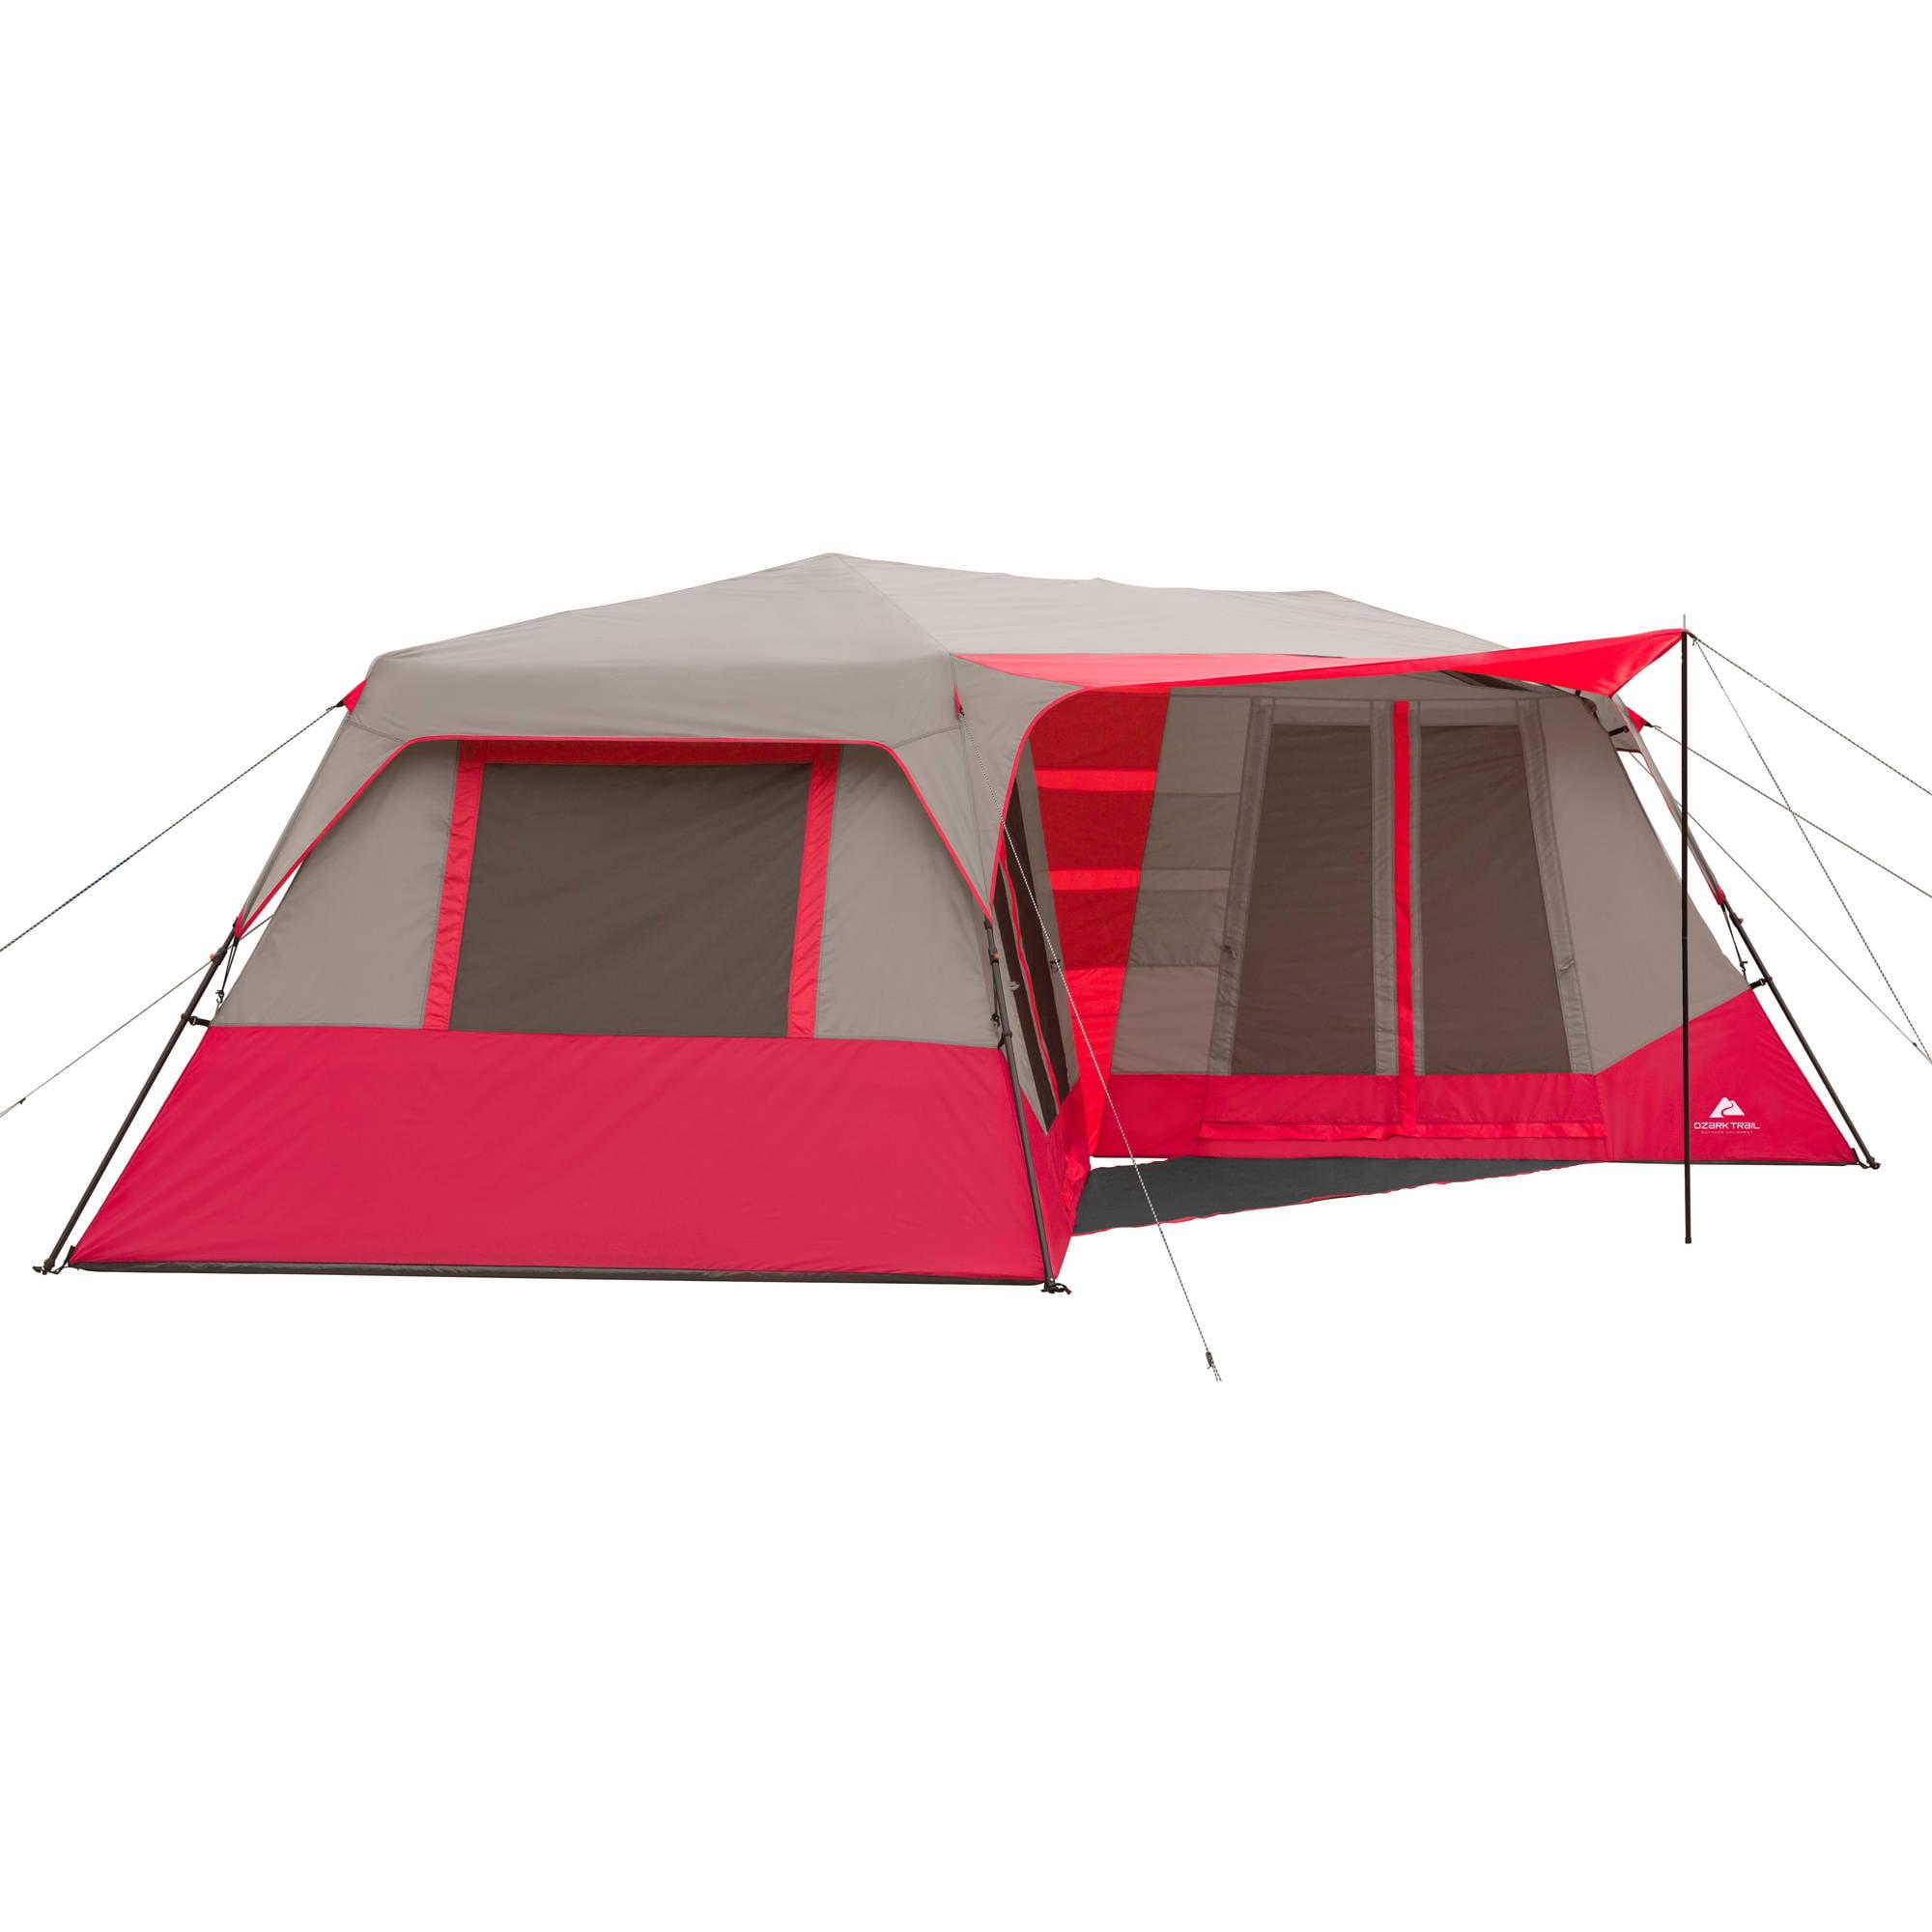 Ozark Trail 25u0027 x 12u00276  Instant Double Villa Cabin Tent Sleeps 10 - Walmart.com  sc 1 st  Walmart & Ozark Trail 25u0027 x 12u00276